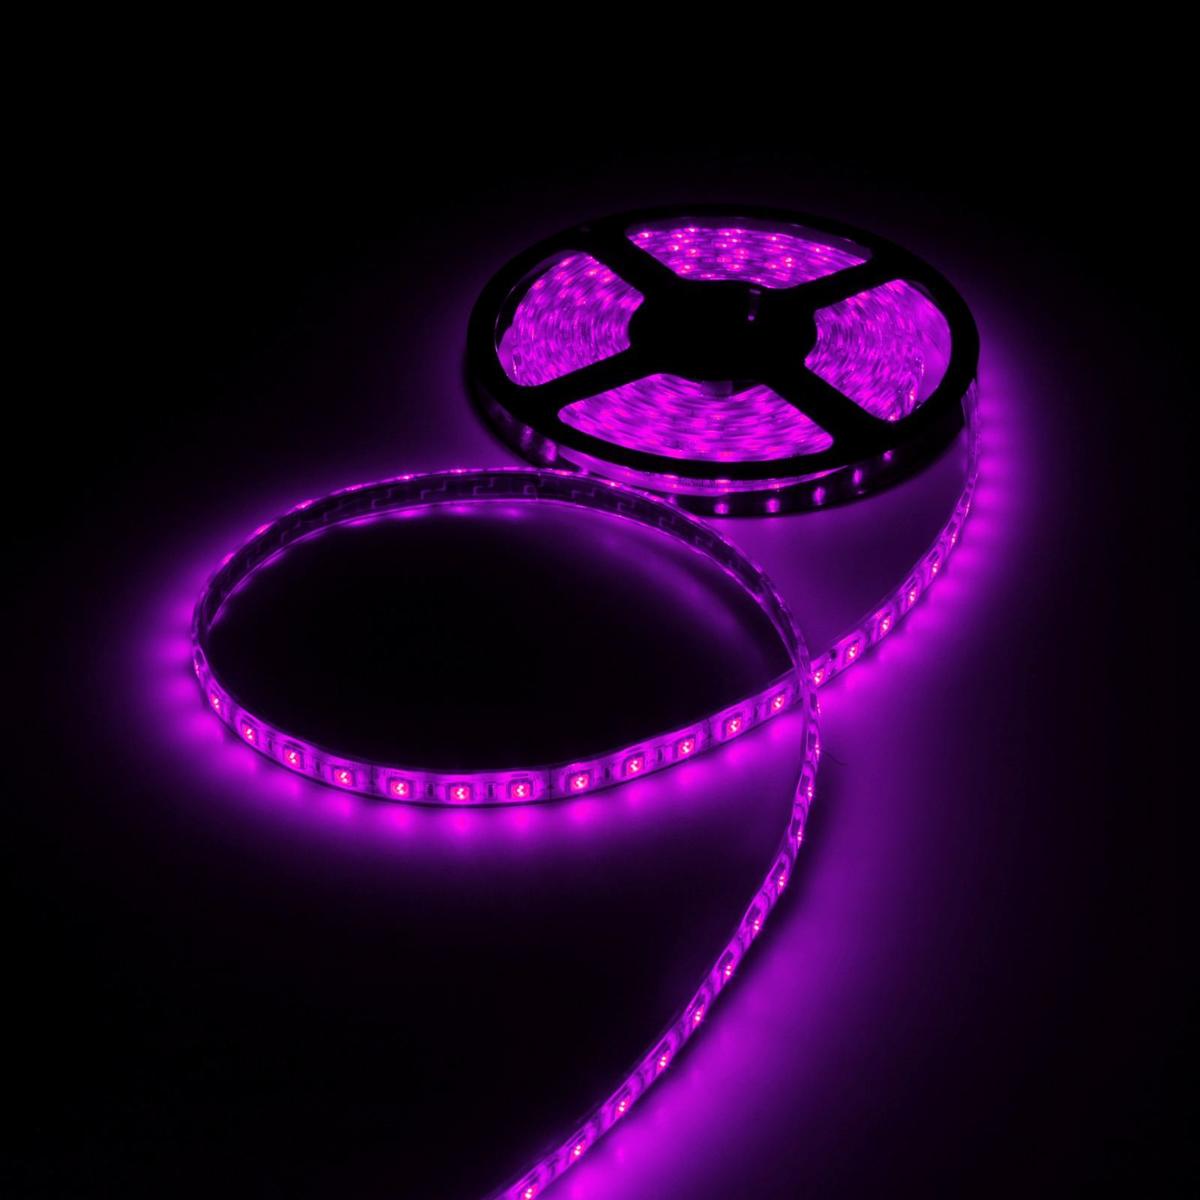 Светодиодная лента Luazon, 12В, SMD5050, длина 5 м, IP68, 60 LED ламп, 14.4 Вт/м, 14-16 Лм/1 LED, DC, цвет: фиолетовый883961Светодиодные гирлянды, ленты и т.д — это отличный вариант для новогоднего оформления интерьера или фасада. С их помощью помещение любого размера можно превратить в праздничный зал, а внешние элементы зданий, украшенные ими, мгновенно станут напоминать очертания сказочного дворца. Такие украшения создают ауру предвкушения чуда. Деревья, фасады, витрины, окна и арки будто специально созданы, чтобы вы украсили их светящимися нитями.